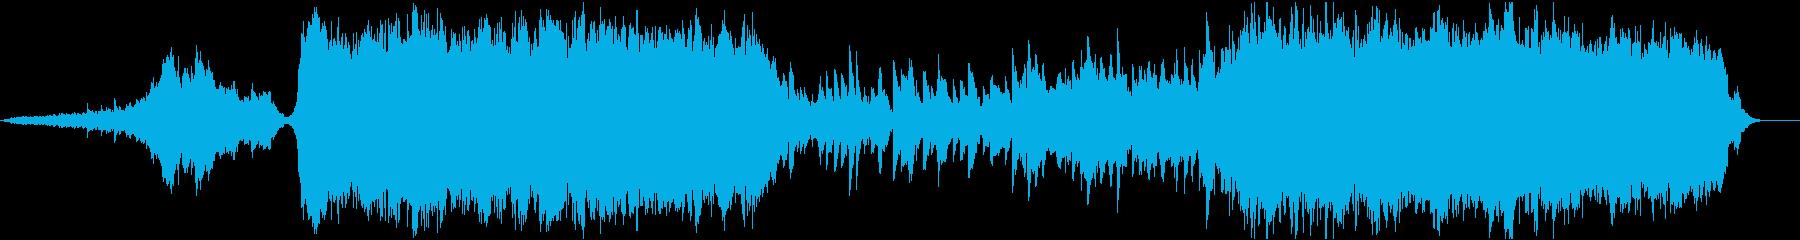 発展途上のオーケストラを背景に、チェロとの再生済みの波形